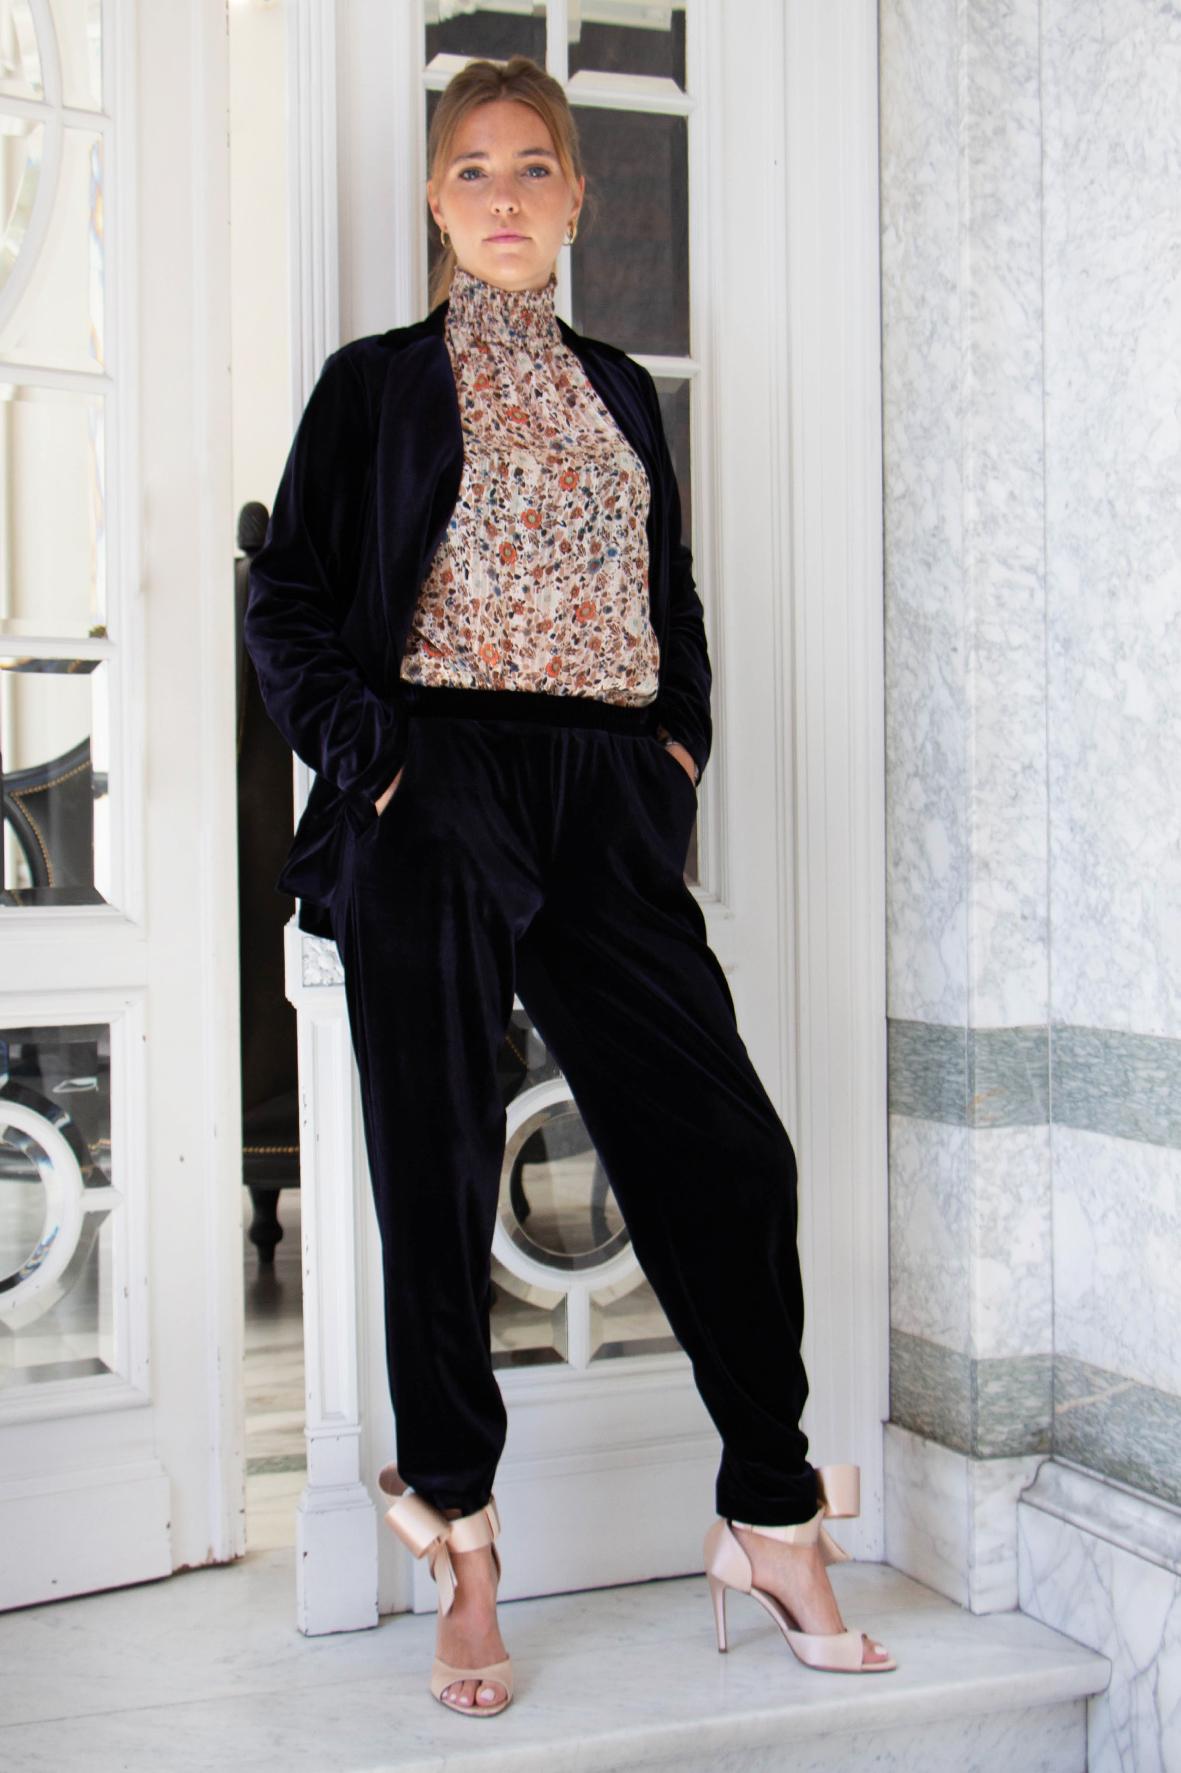 Sofia pants